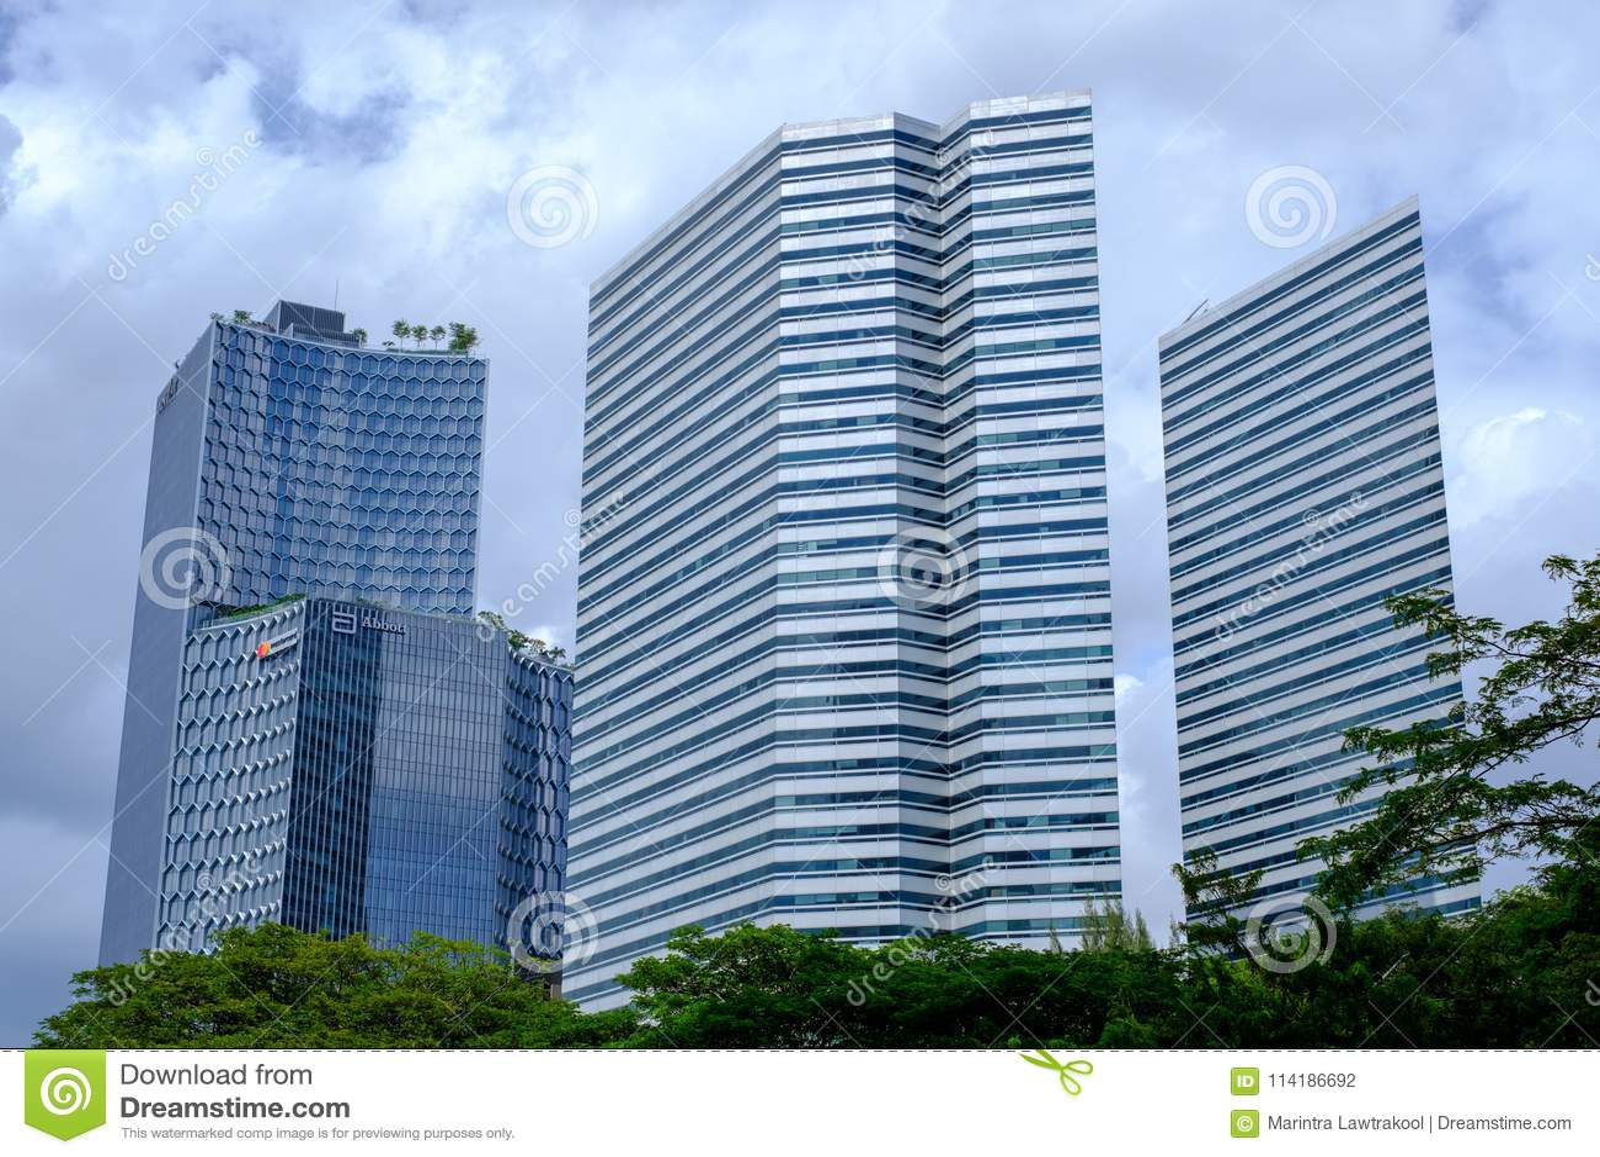 Σιγκαπούρη ομάδα Δολάριο 105 dating